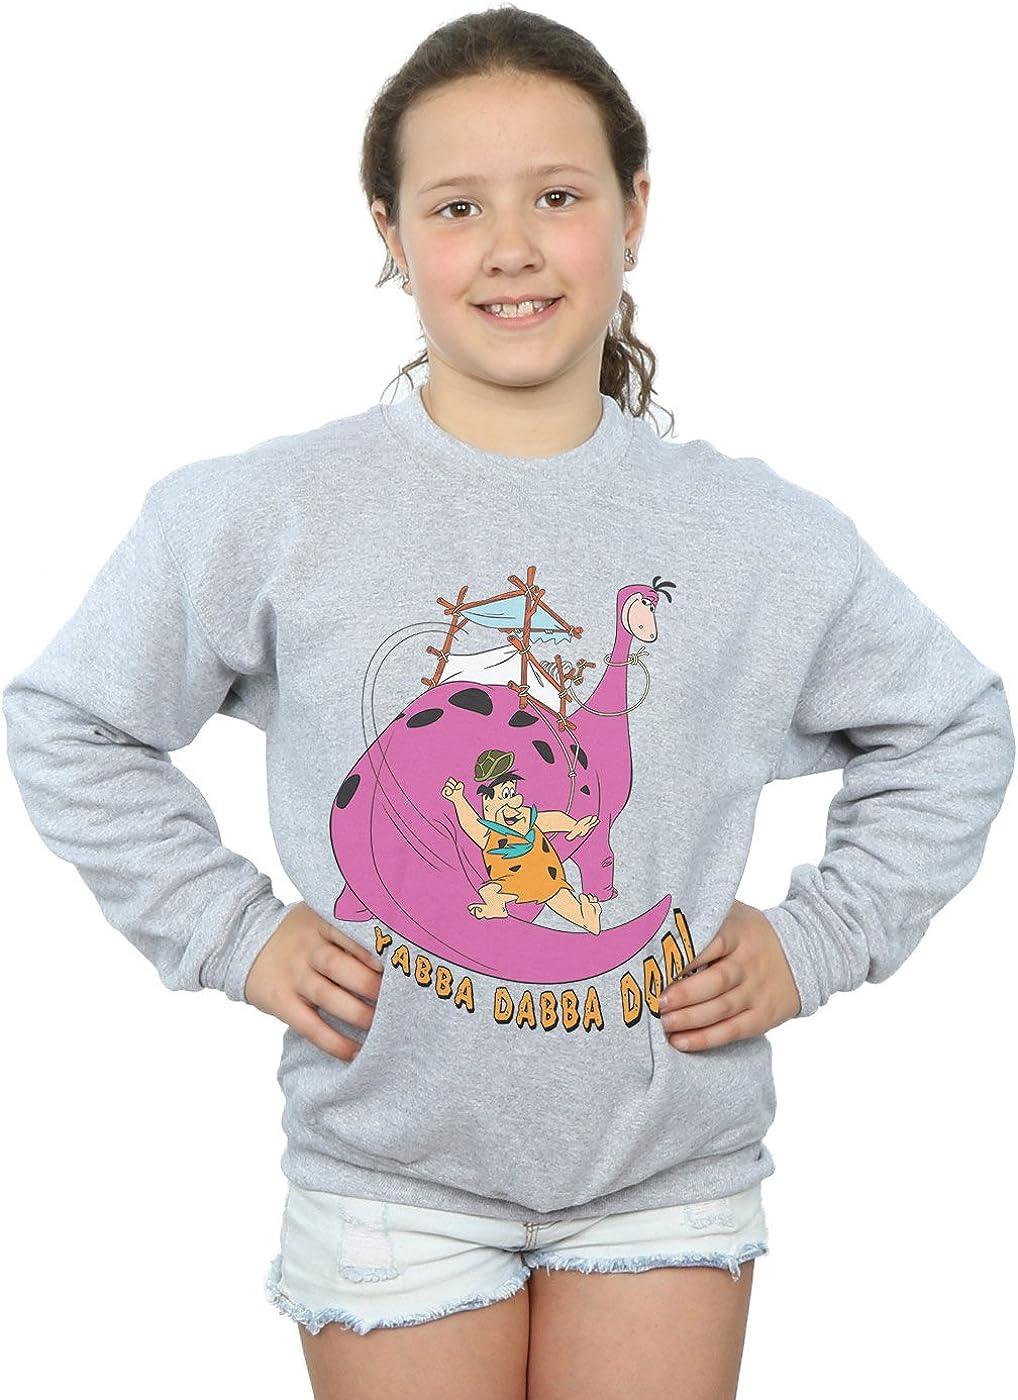 The Flintstones Girls Yabba Dabba Doo Sweatshirt